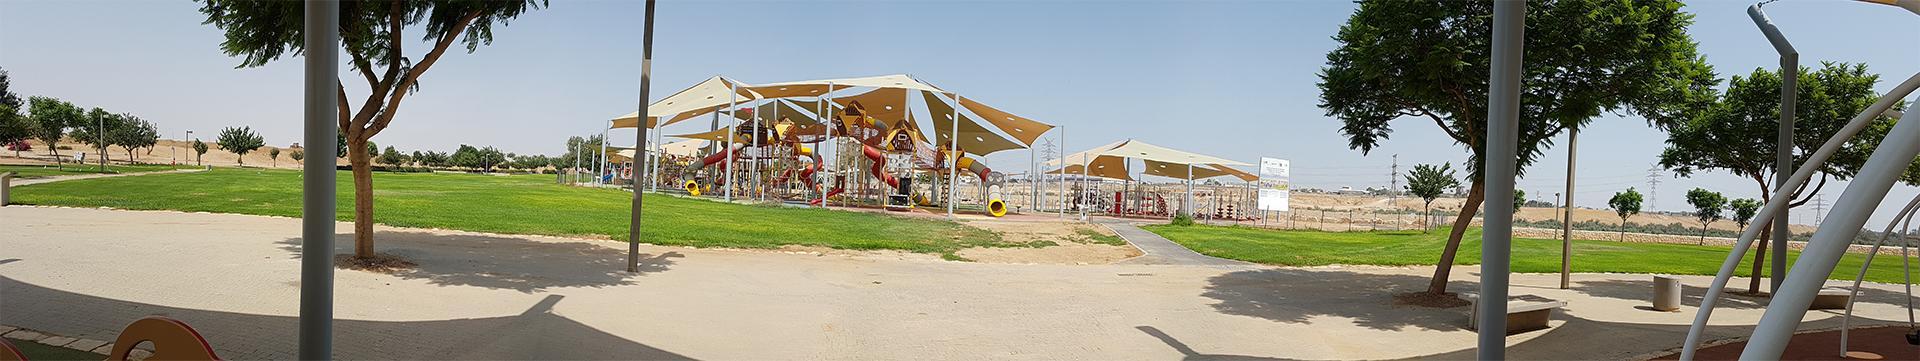 מתקני משחקים | פארק באר שבע | מתקני שעשועים